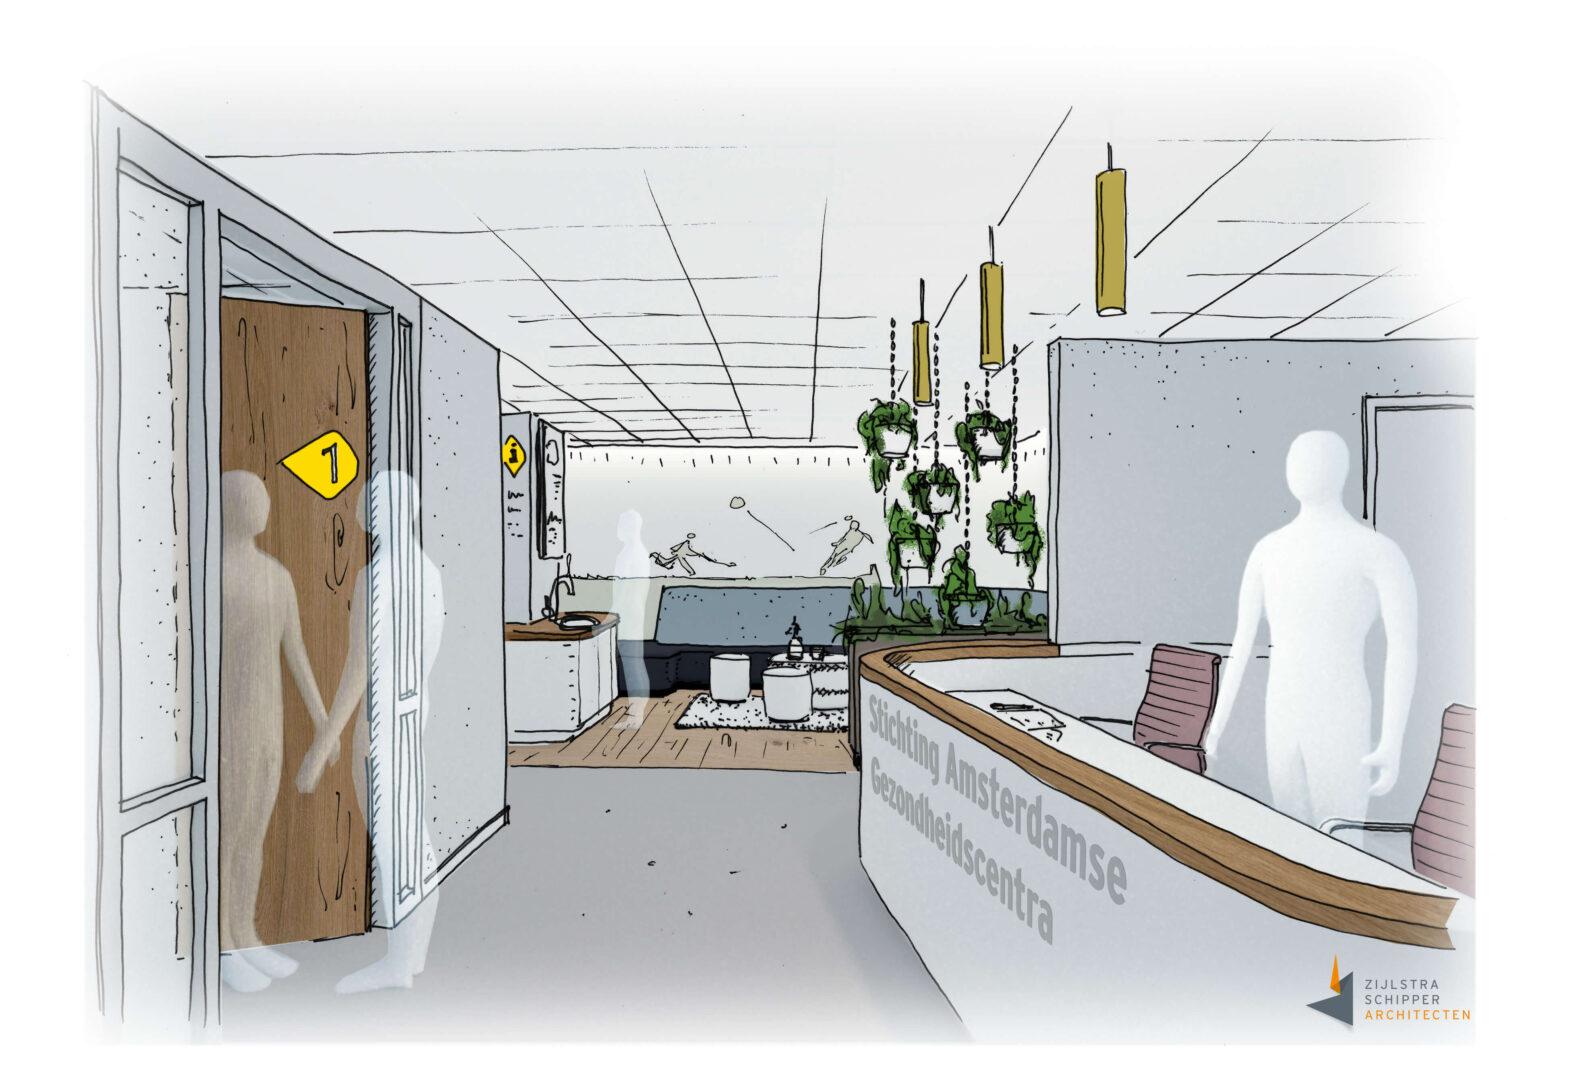 Interieur-ontwerp-archictecten-bureau-Zijlstra-Schipper-Noord-Holland-Wormer-gezondheidszorg-zorg-01